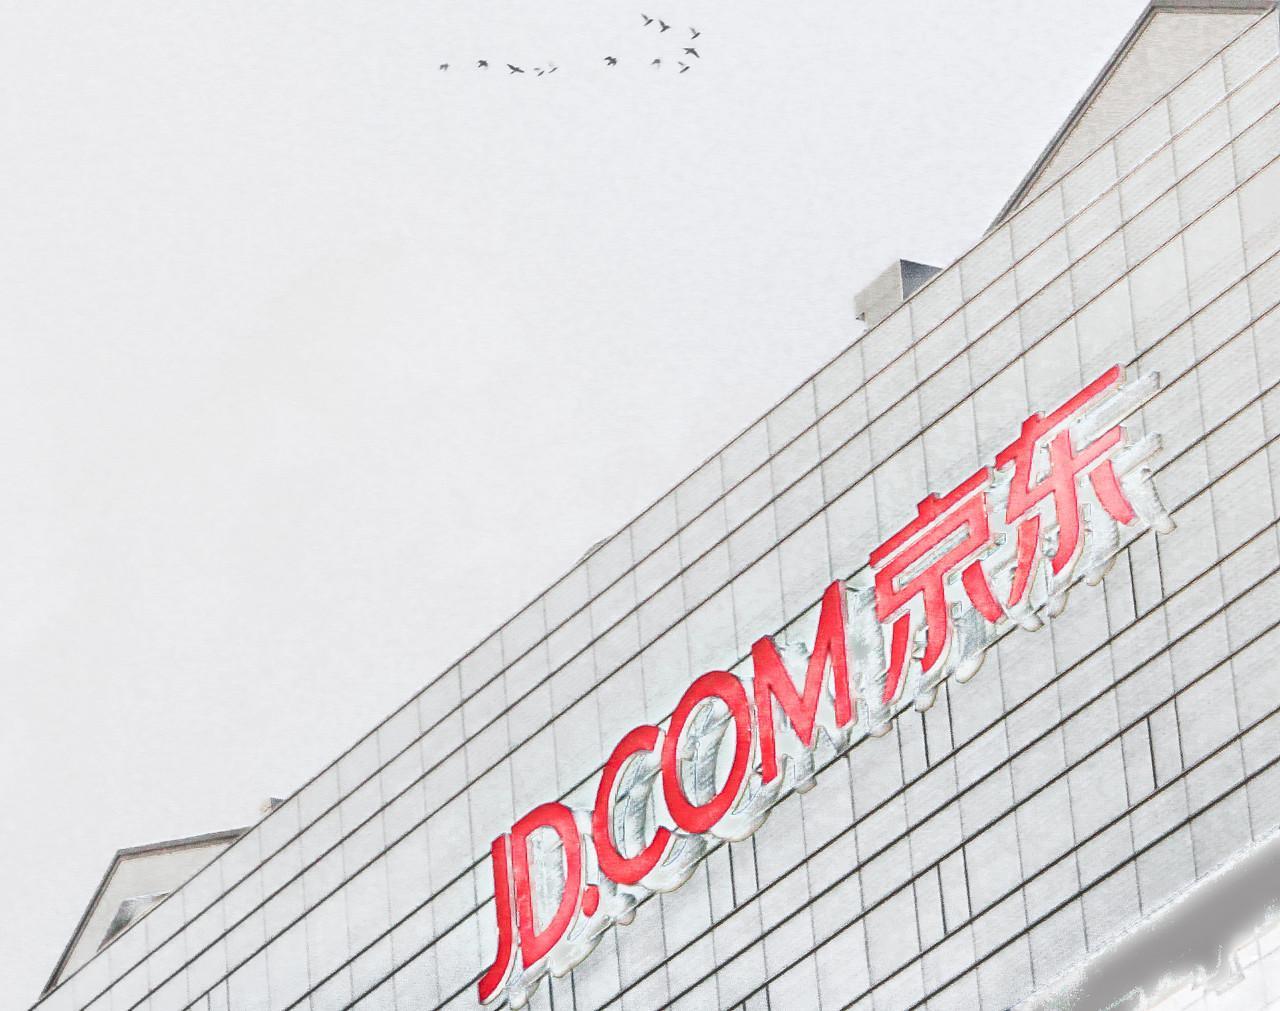 【国信海外】京东:核心业绩指标均超预期,长期价值明朗